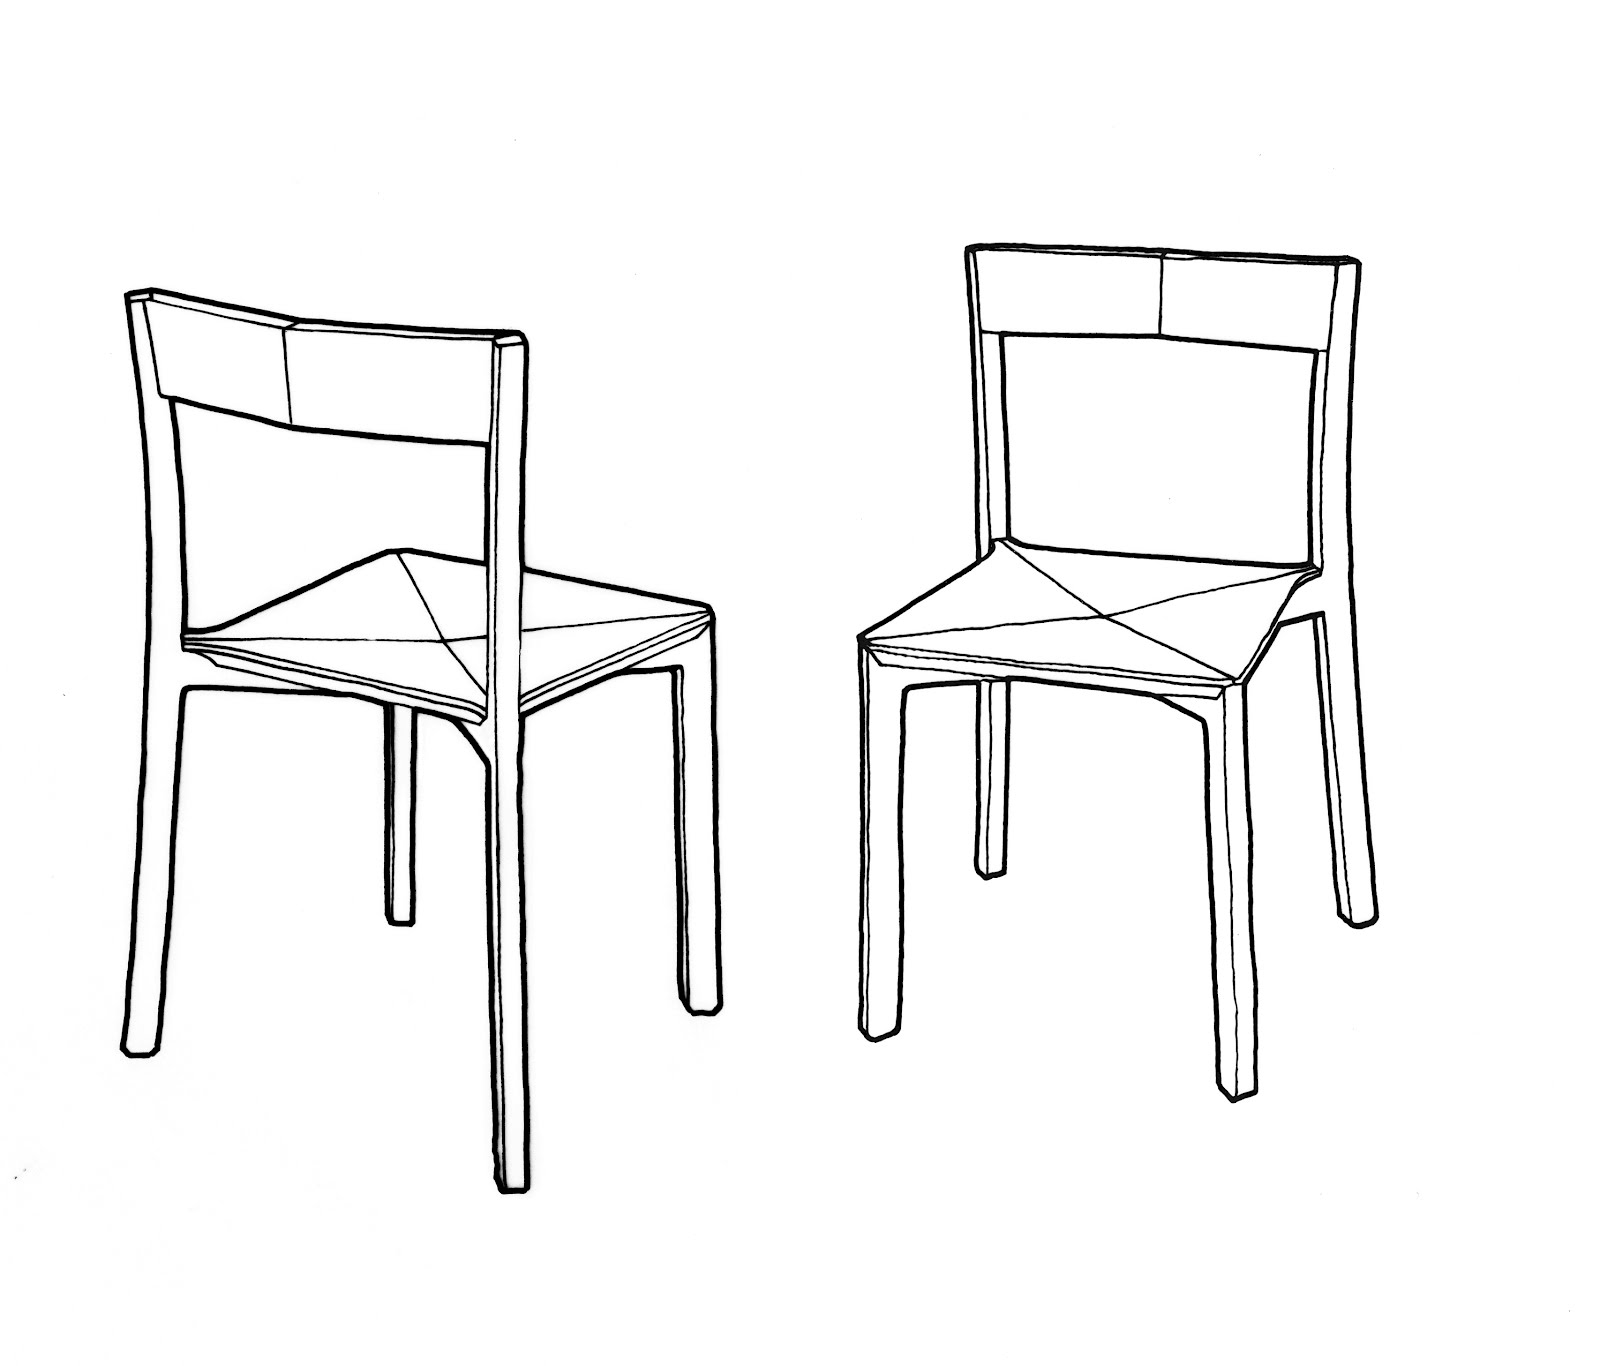 Dessin d une chaise 28 images apprendre a dessiner des for Chaise dessin